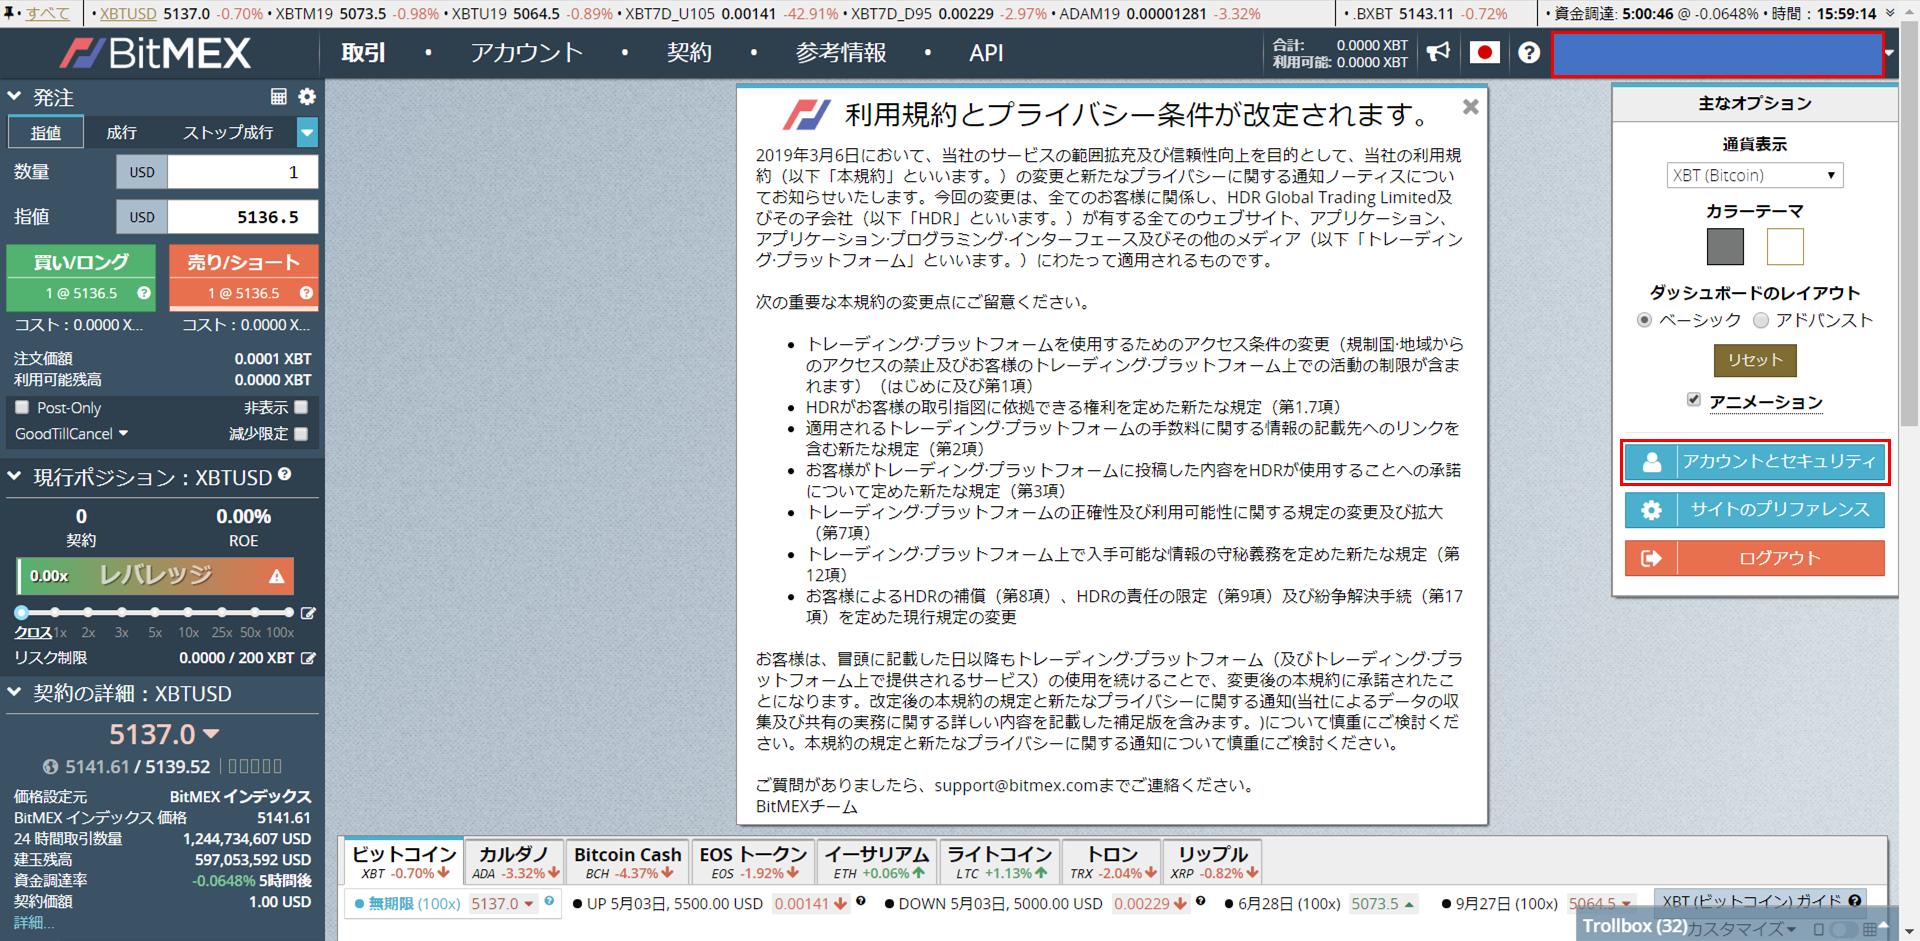 BitMEX二段階認証